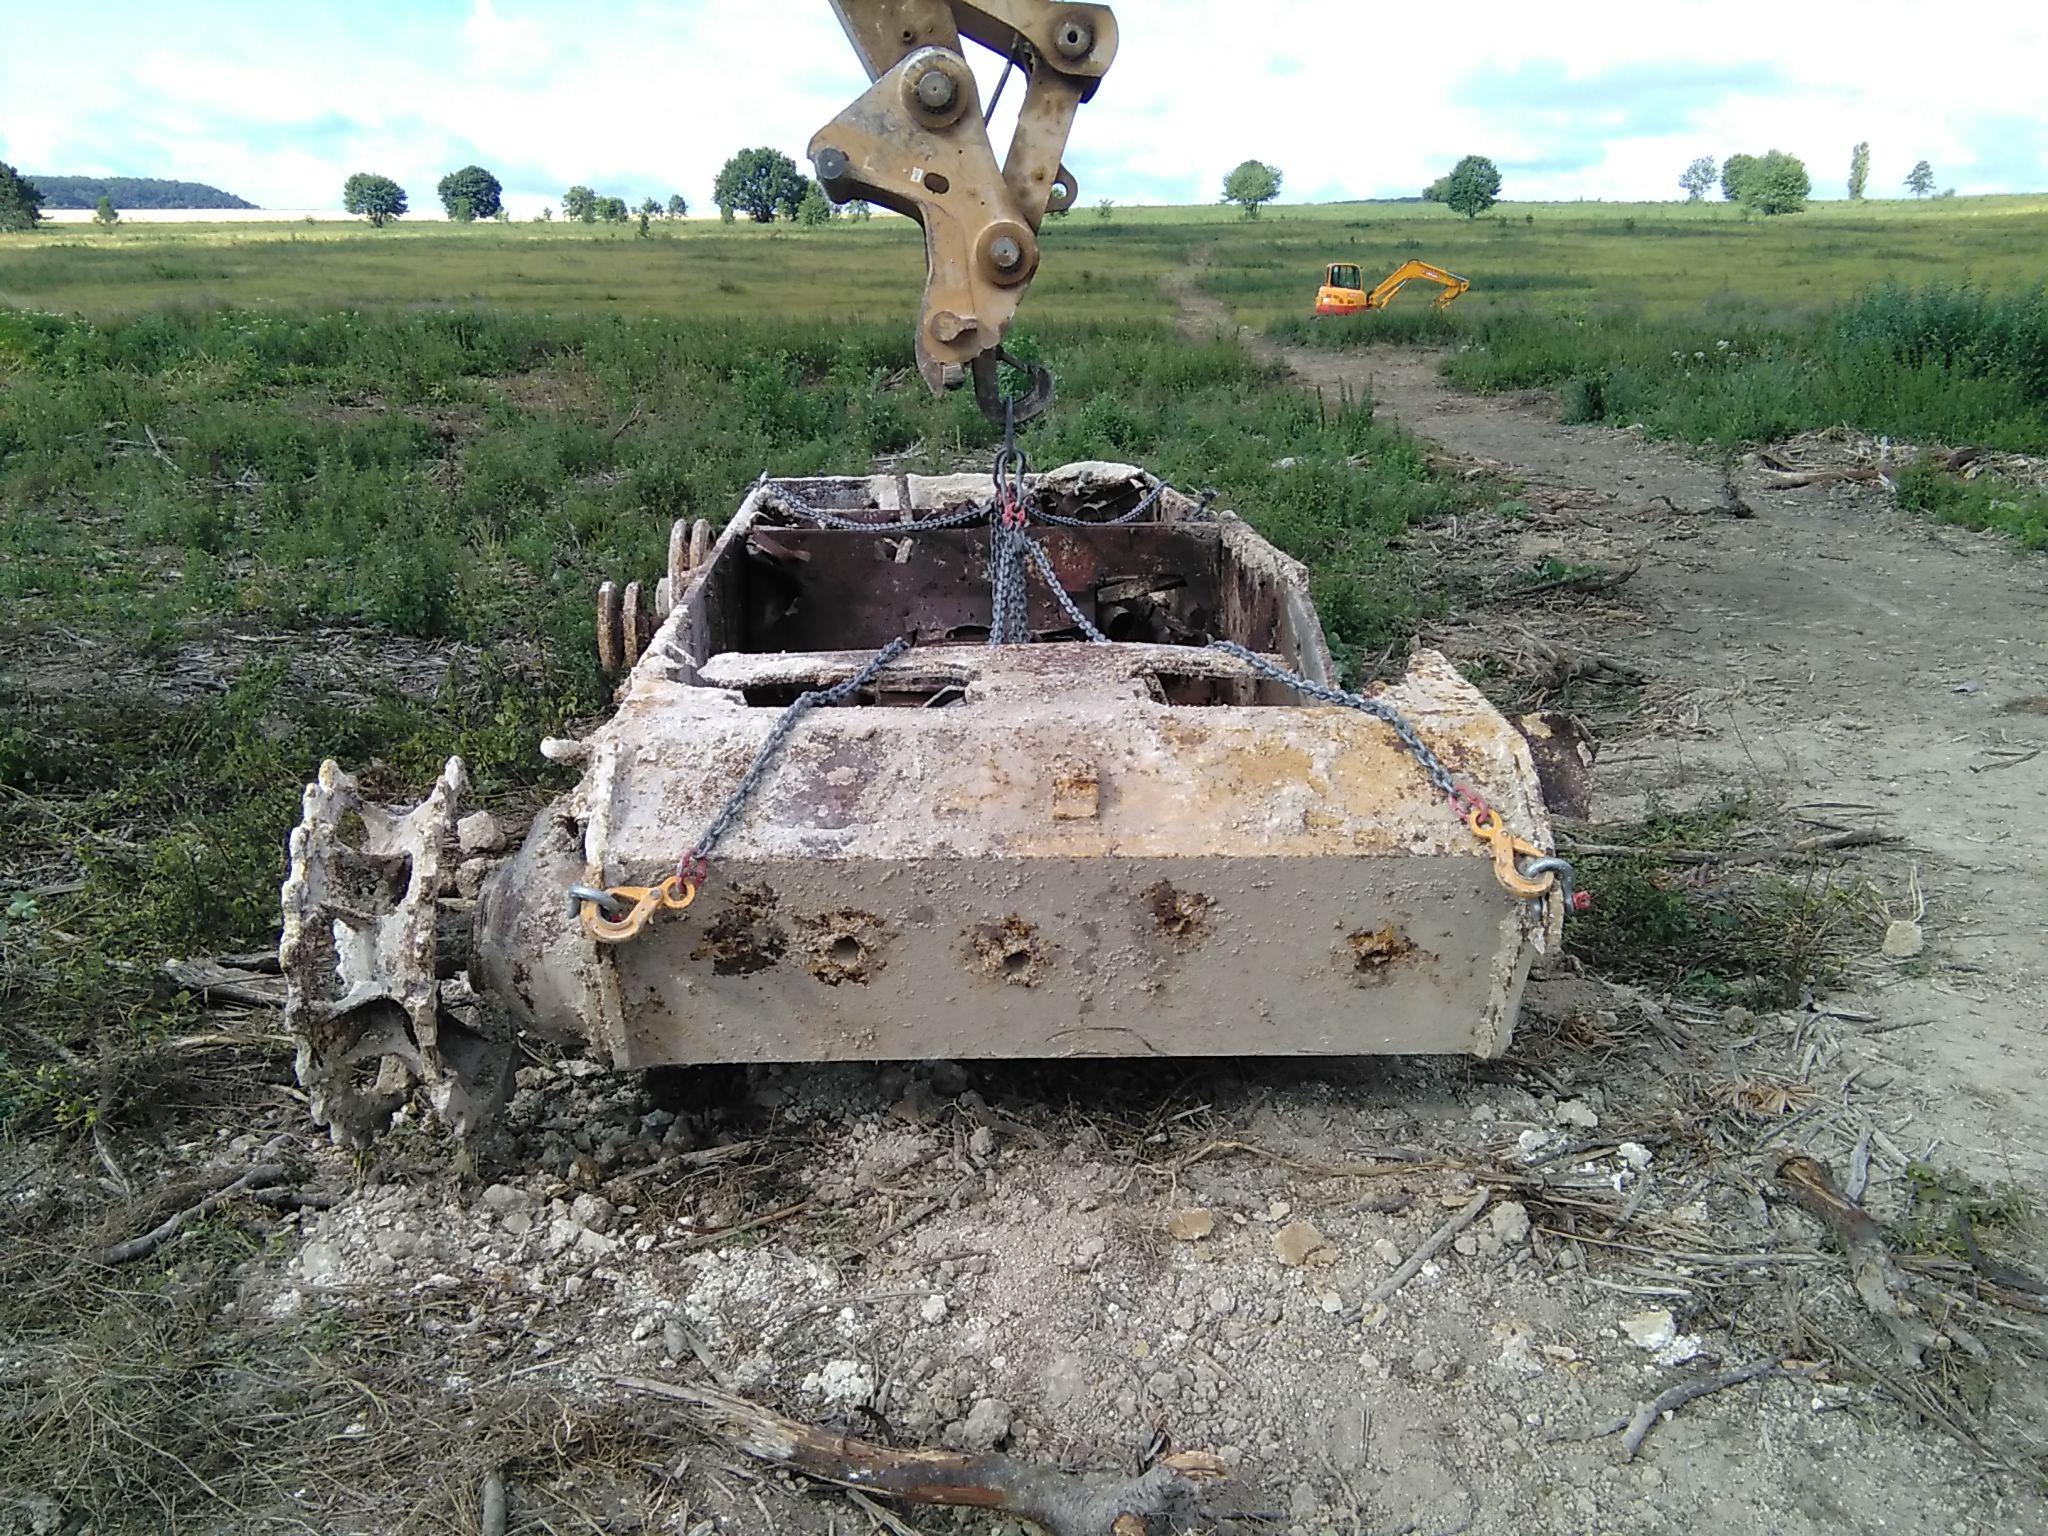 Un panzer découvert près d'Epernay 77363415072906383613110613476992